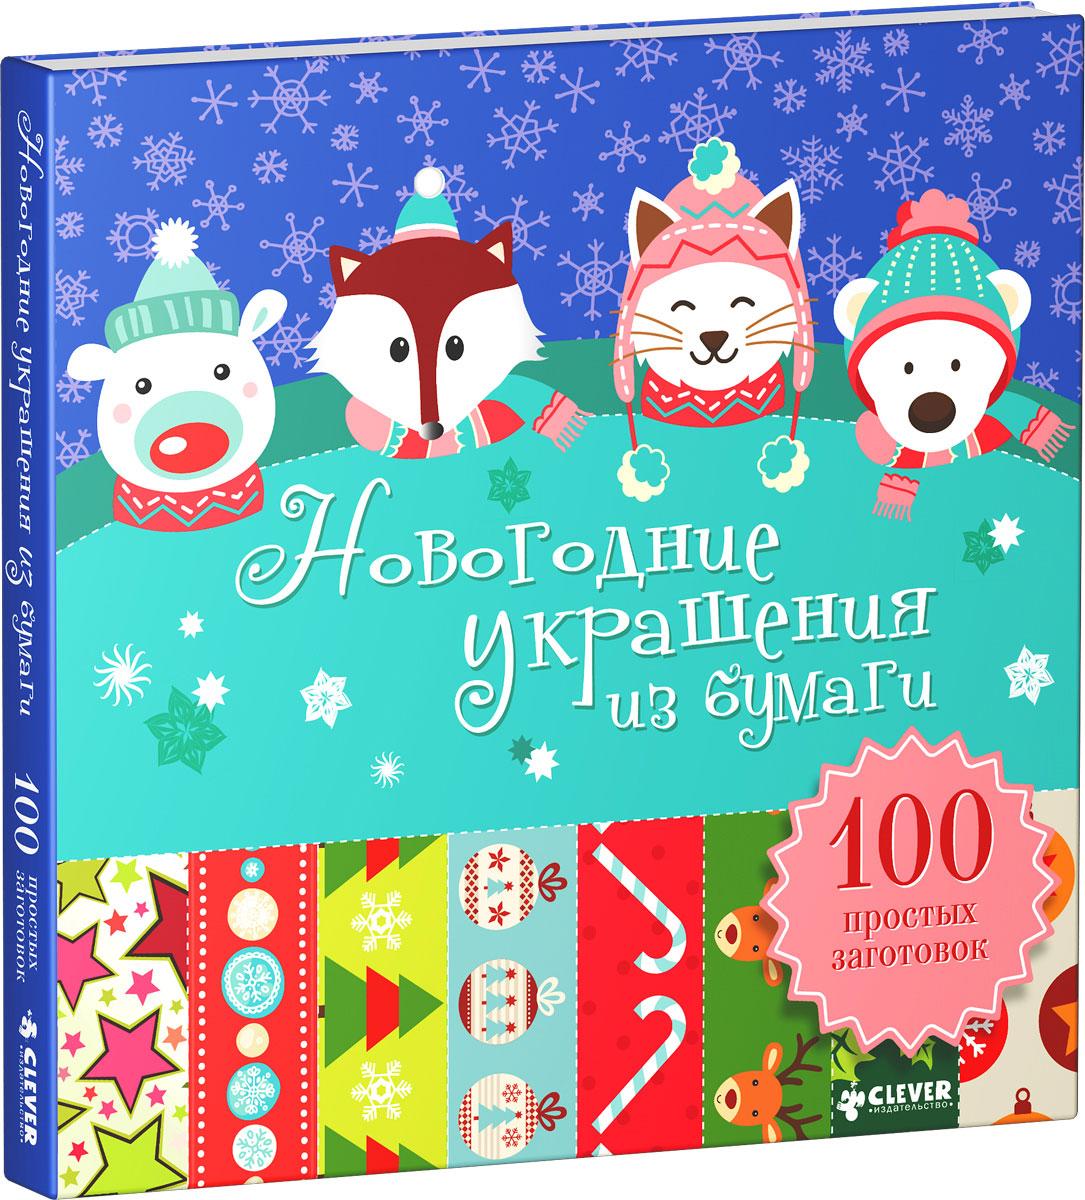 Новогодние украшения из бумаги. 100 простых заготовок12296407Что вас ждет под обложкой: Набор бумаги для творчества с сотней заготовок и выкроек для украшений на Новый год и Рождество. С помощью этой уникальной книжки вы сможете легко и быстро сделать разнообразные гирлянды, звезды, шары и игрушки для украшения дома. Изюминки книги: В книге вы найдете выкройки: - объемной звездочки; - объемной шара; - объемной снежинки; - гирлянды цепочка; - игрушки Деда Мороза; Каждая страница - это двусторонний патерн стилизованный под Новый год и Рождество Четкие пошаговые инструкции и пунктирные линии поделок на страницах помогут правильно изготовить ваши поделки. Вам понадобятся только ножницы, скотч и ваша фантазия! Идеи: Не ограничивайтесь выкройками! Используйте полоски, квадраты, ленты для украшения бумажных пакетов, конвертов, коробочек, свертков, кульков просто завернутых в крафт-бумагу. Творите и экспериментируйте!